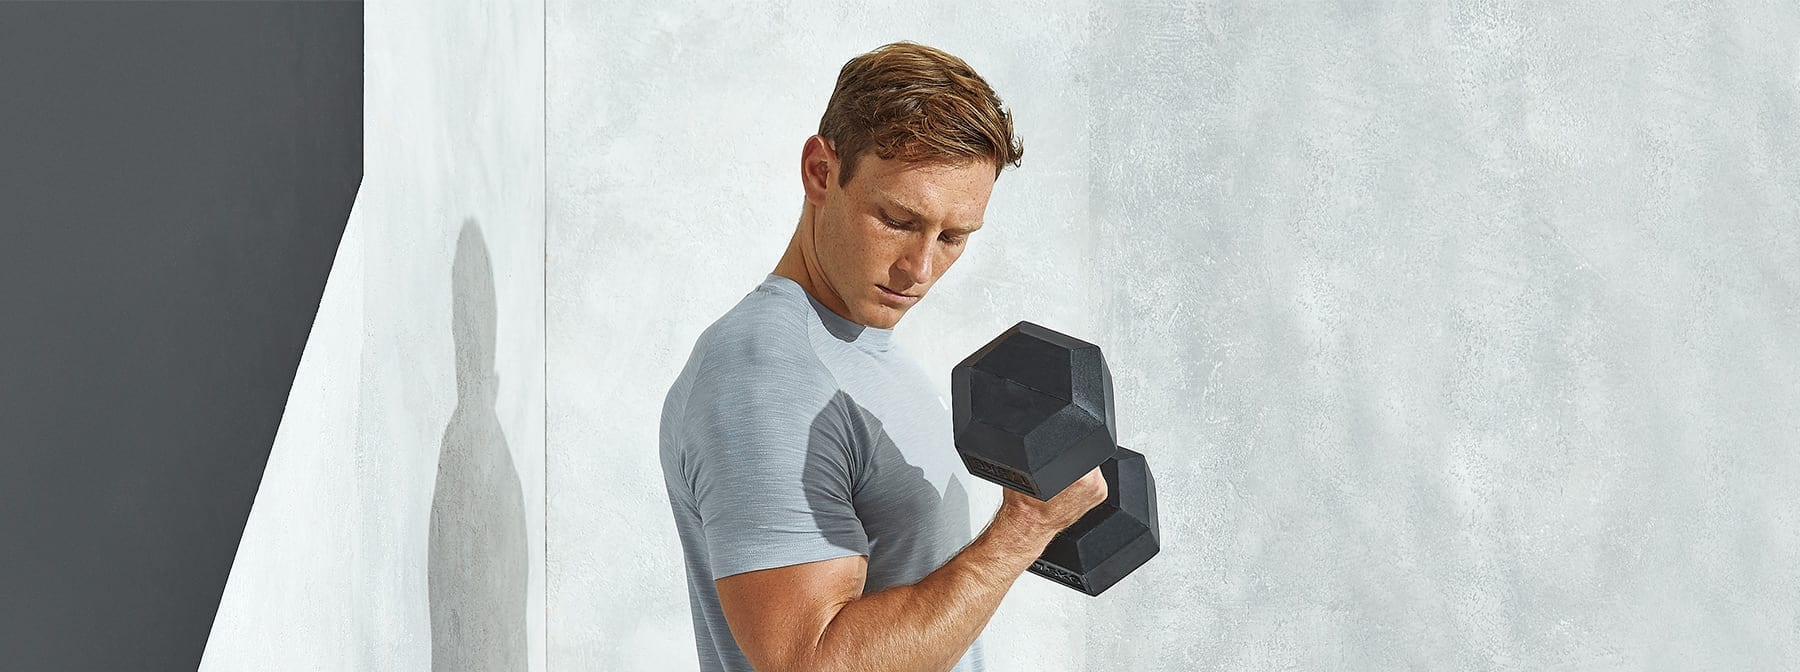 Powerbuilding für Stärke & Größe: Definition, Trainingsplan und Routine